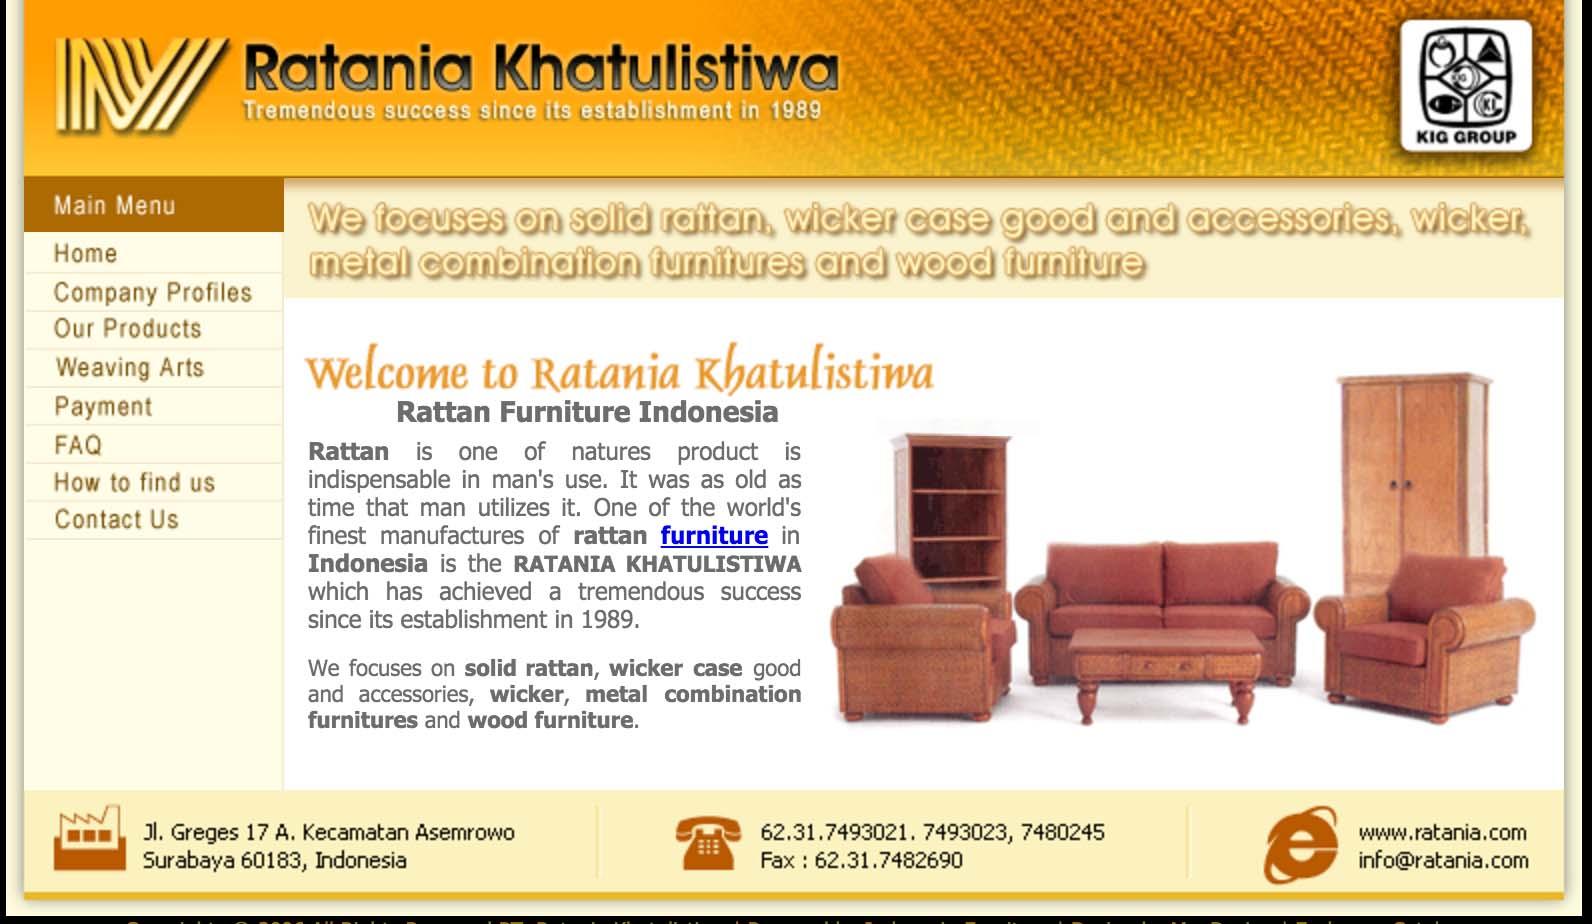 PT Ratania Khatulistiwa titolare del brand IKEA in Indonesia